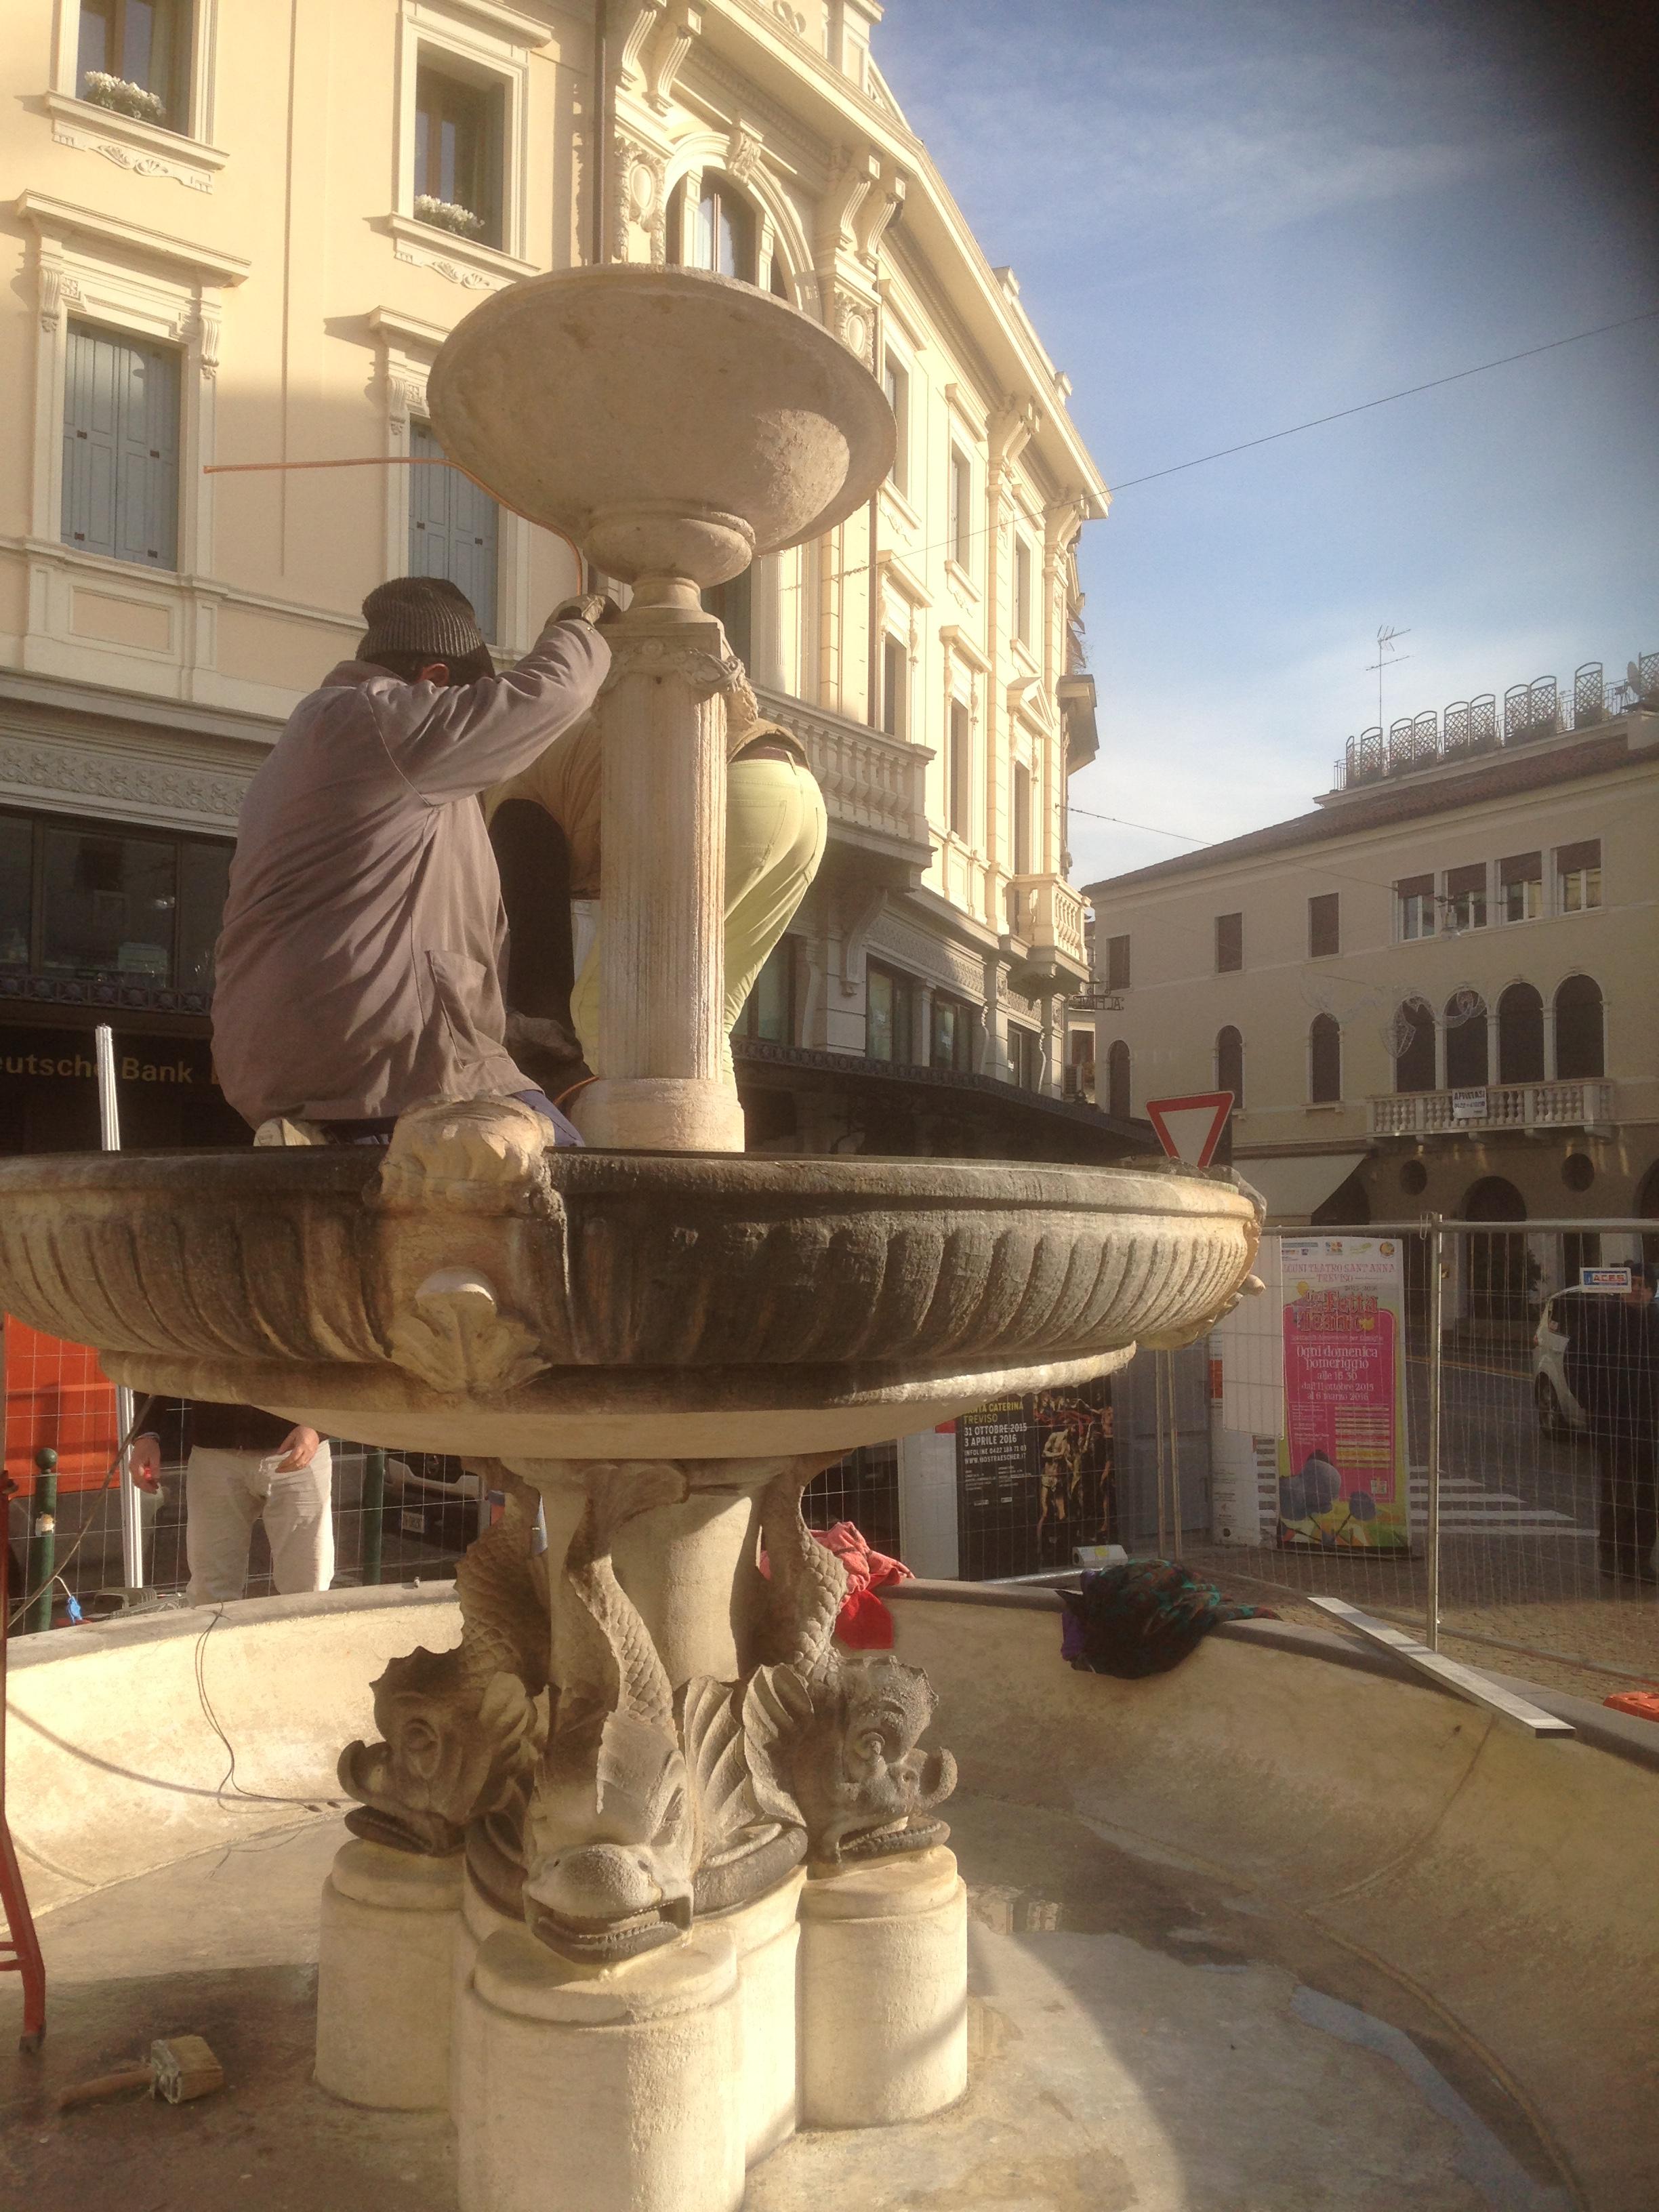 Lavori in corso in Piazza San Leonardo a Treviso